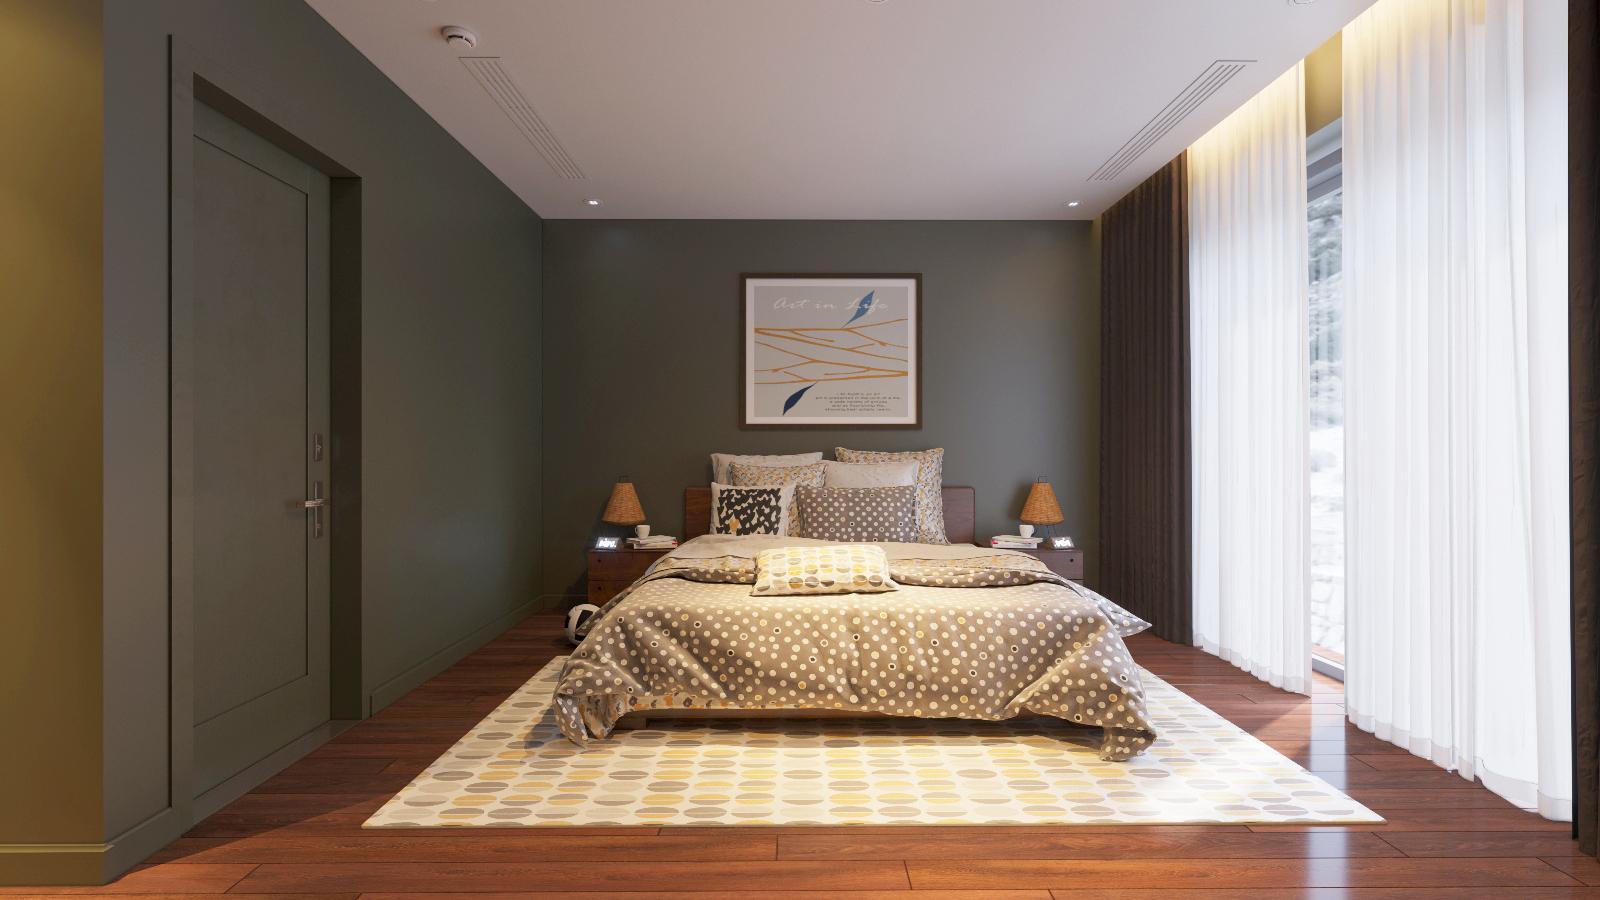 thiết kế Nội thất Biệt Thự 3 tầng biệt thự bt25 splendora mới (lakeside splendora)117